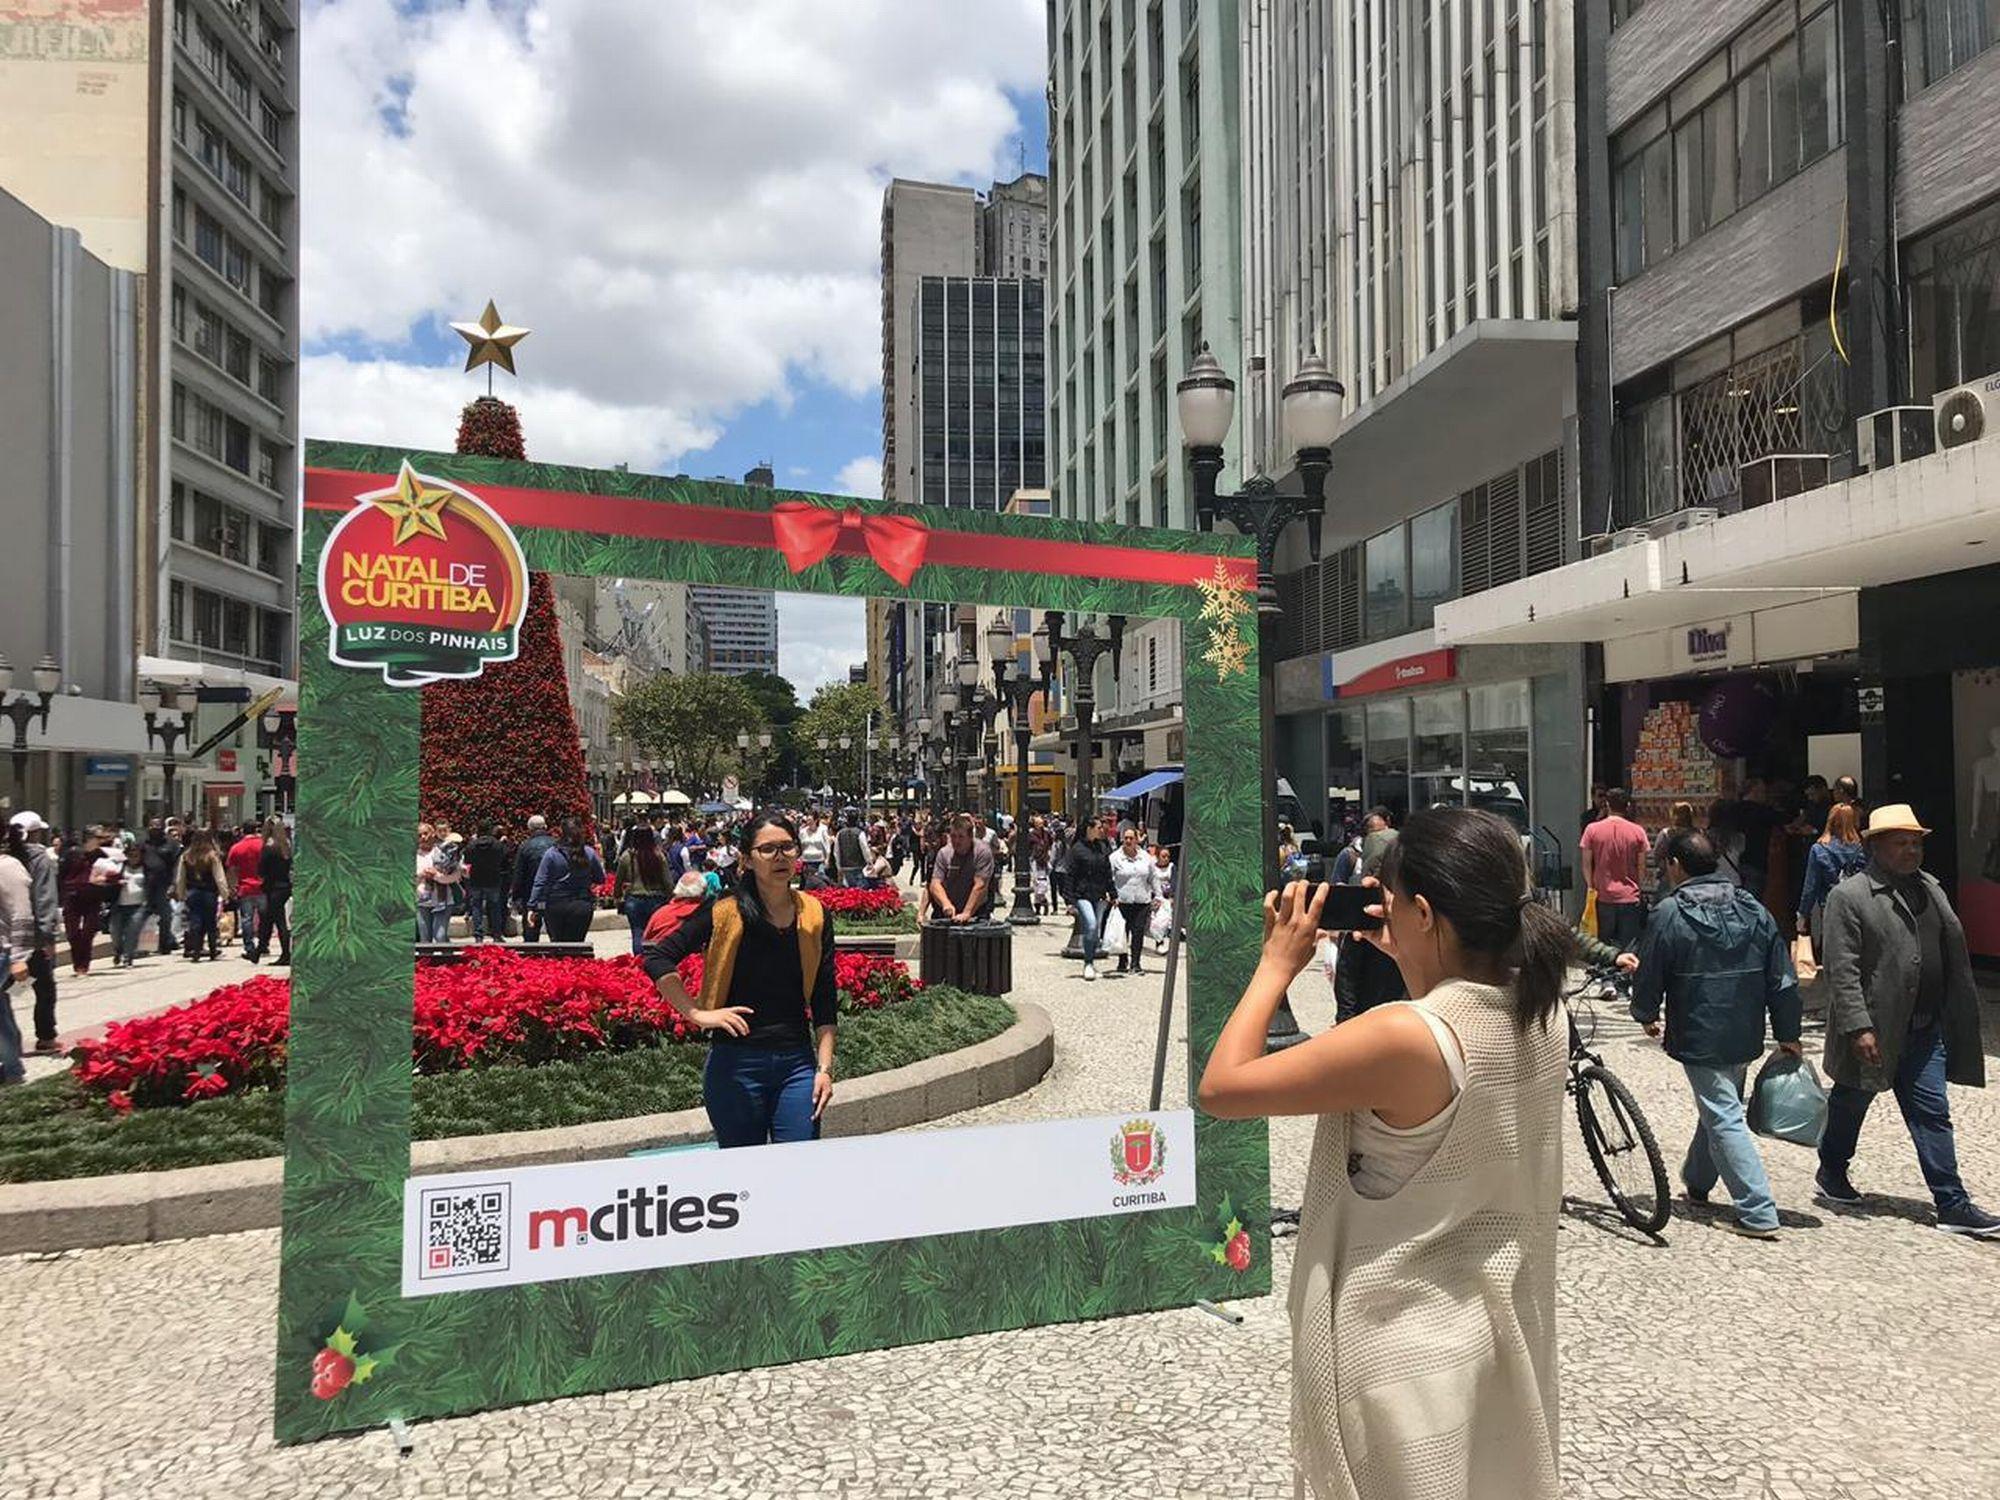 Com dimensões de 2,5 metros de altura por 3 metros de largura, a moldura fica até o dia 6 de janeiro. Foto: Prefeitura de Curitiba/Divulgação